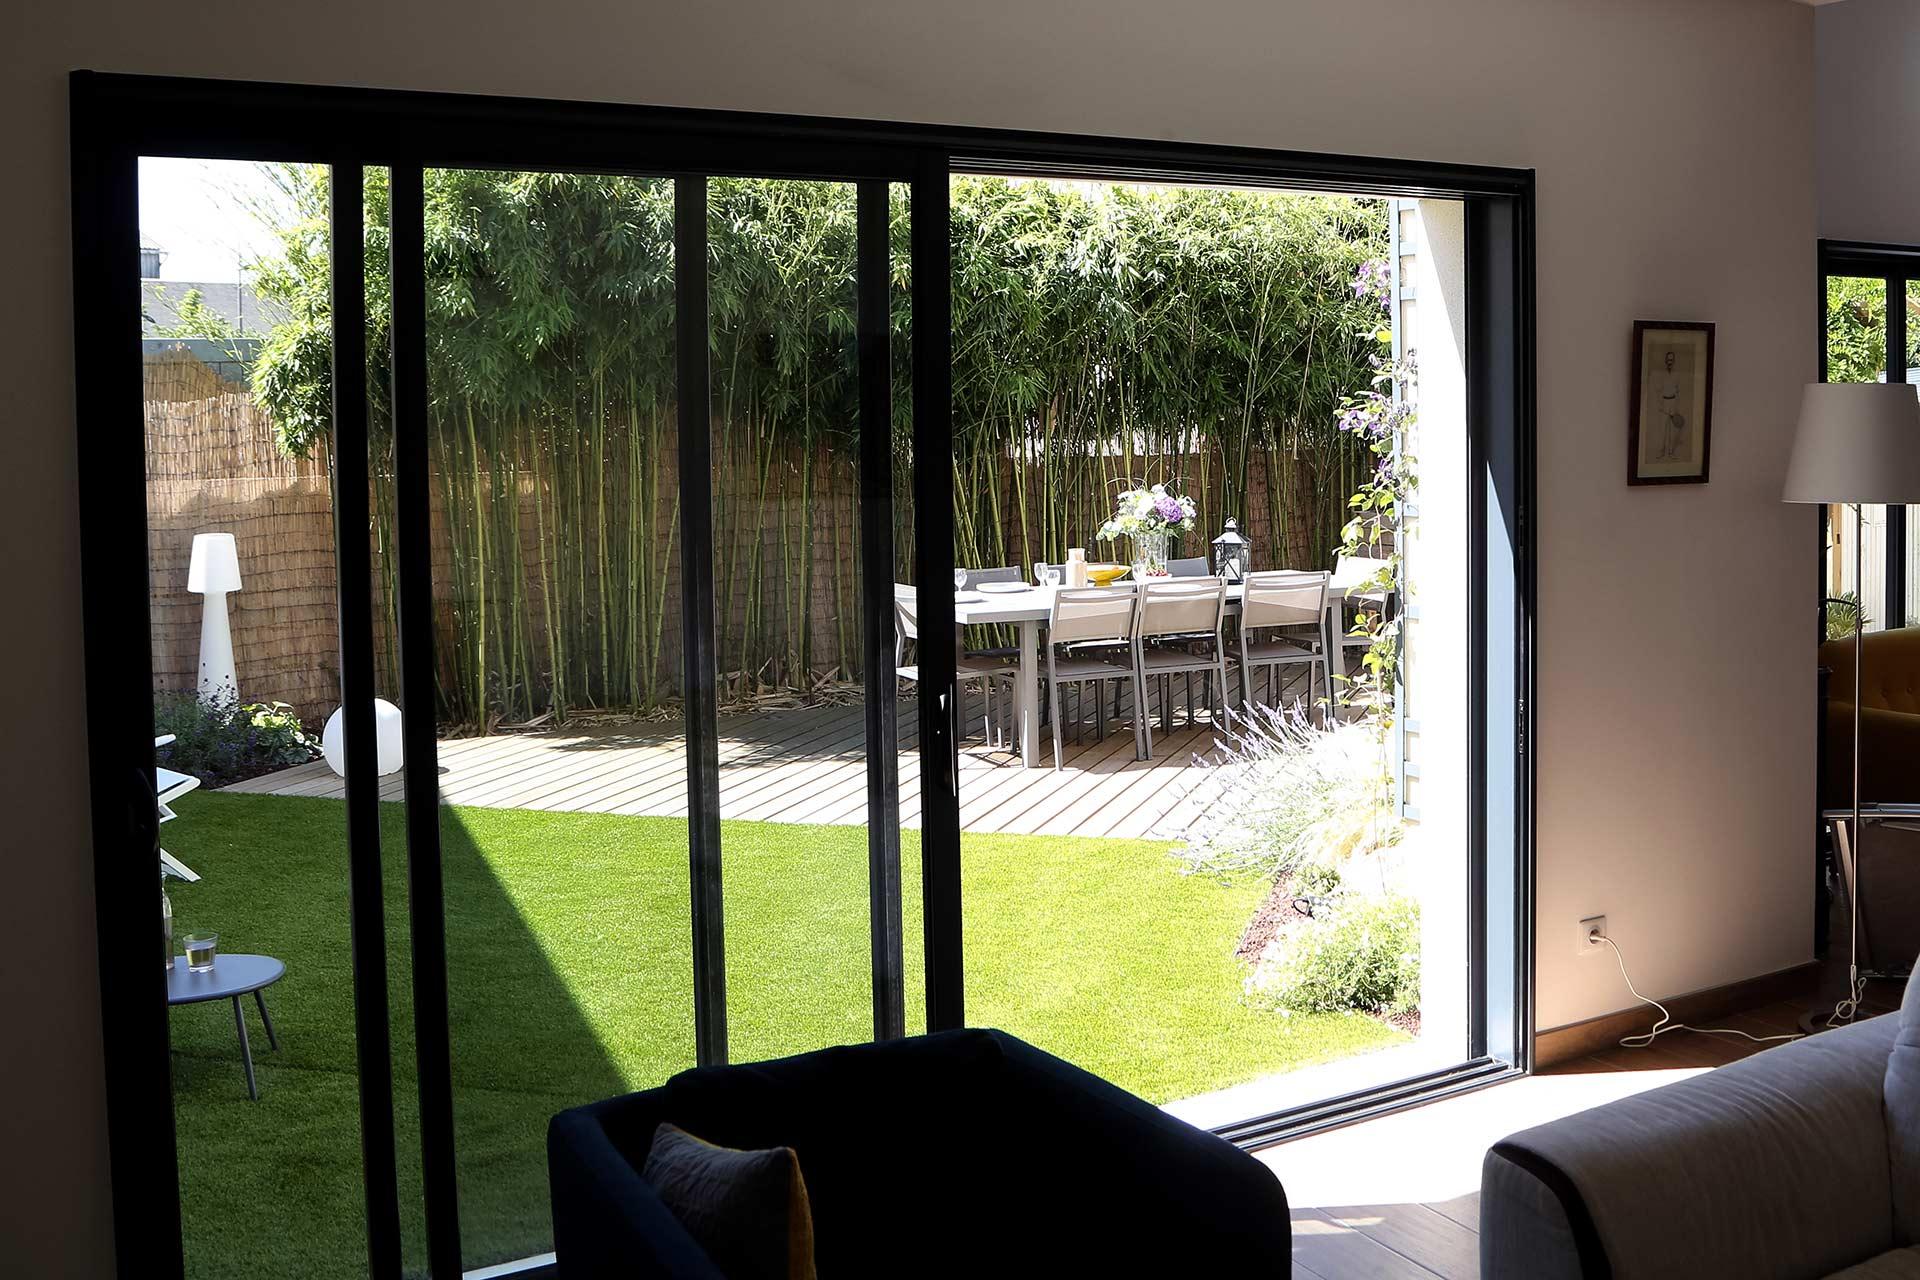 Entreprise du paysage, Serrault Jardins réalise des jardins sur-mesure dans diverses communes comme Noizay.